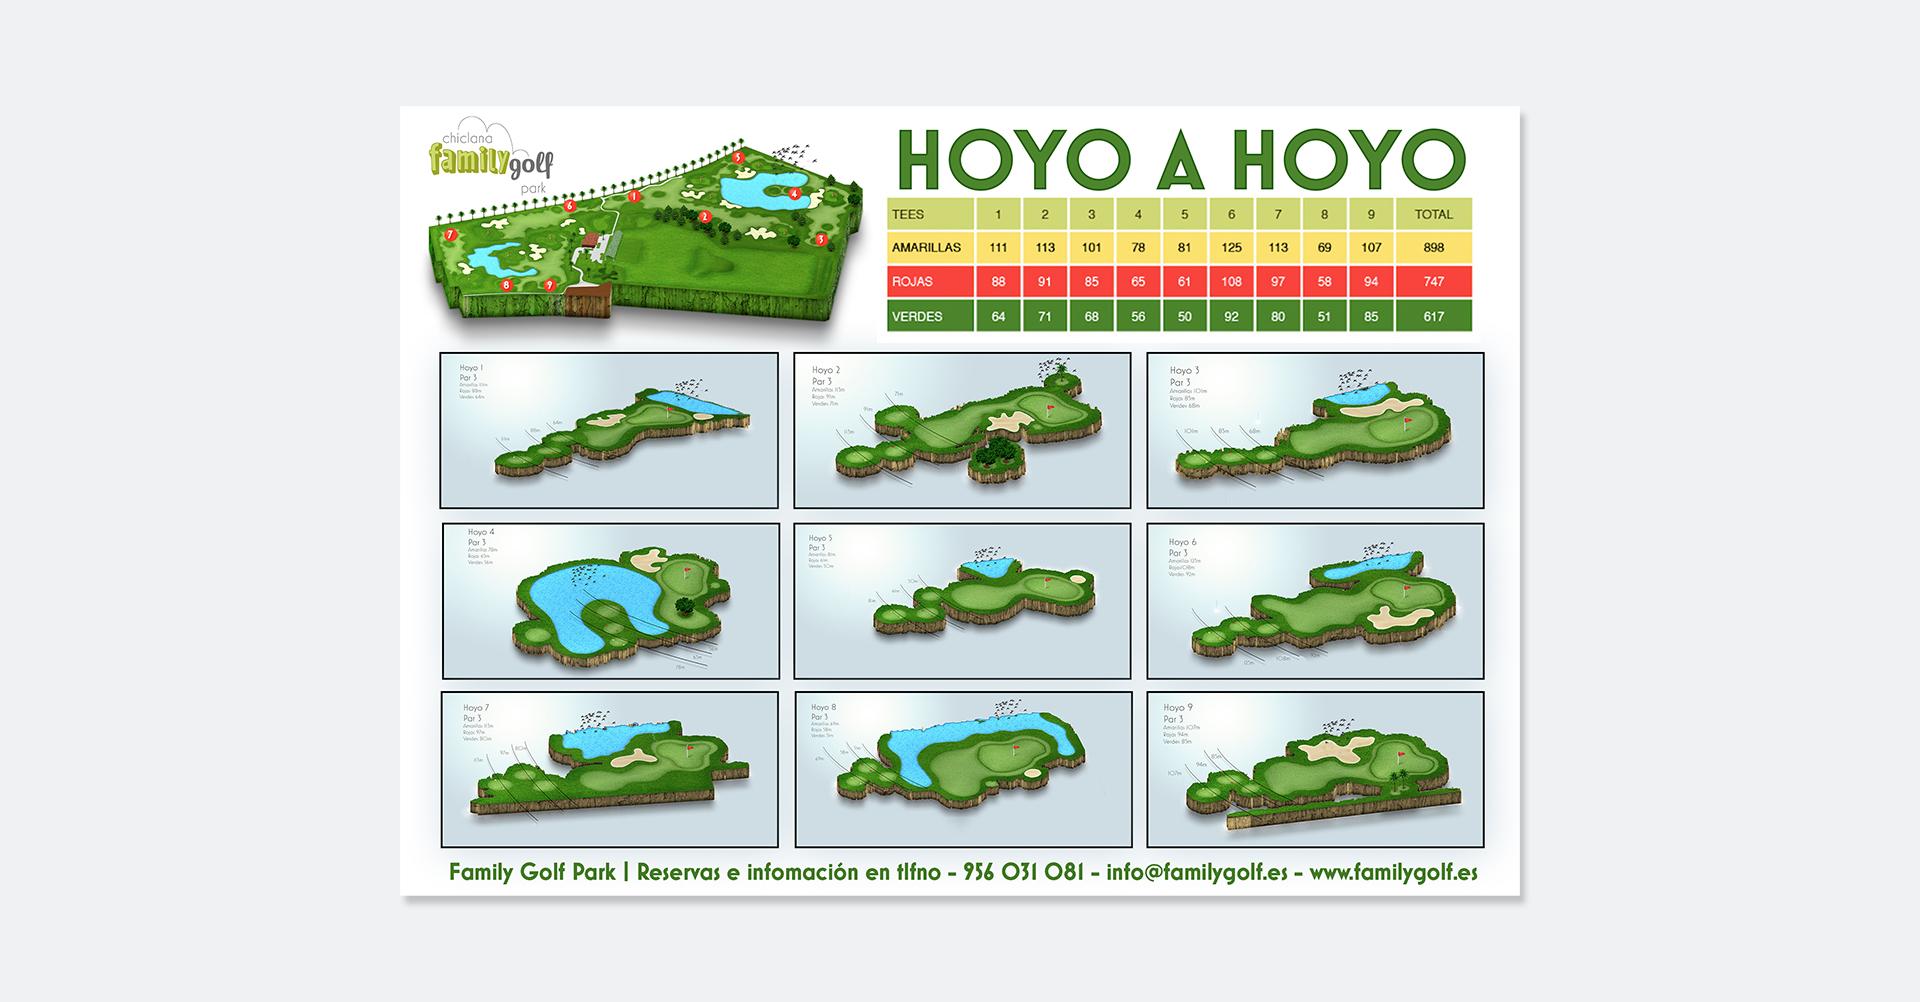 Family Golf - Hoyo a hoyo